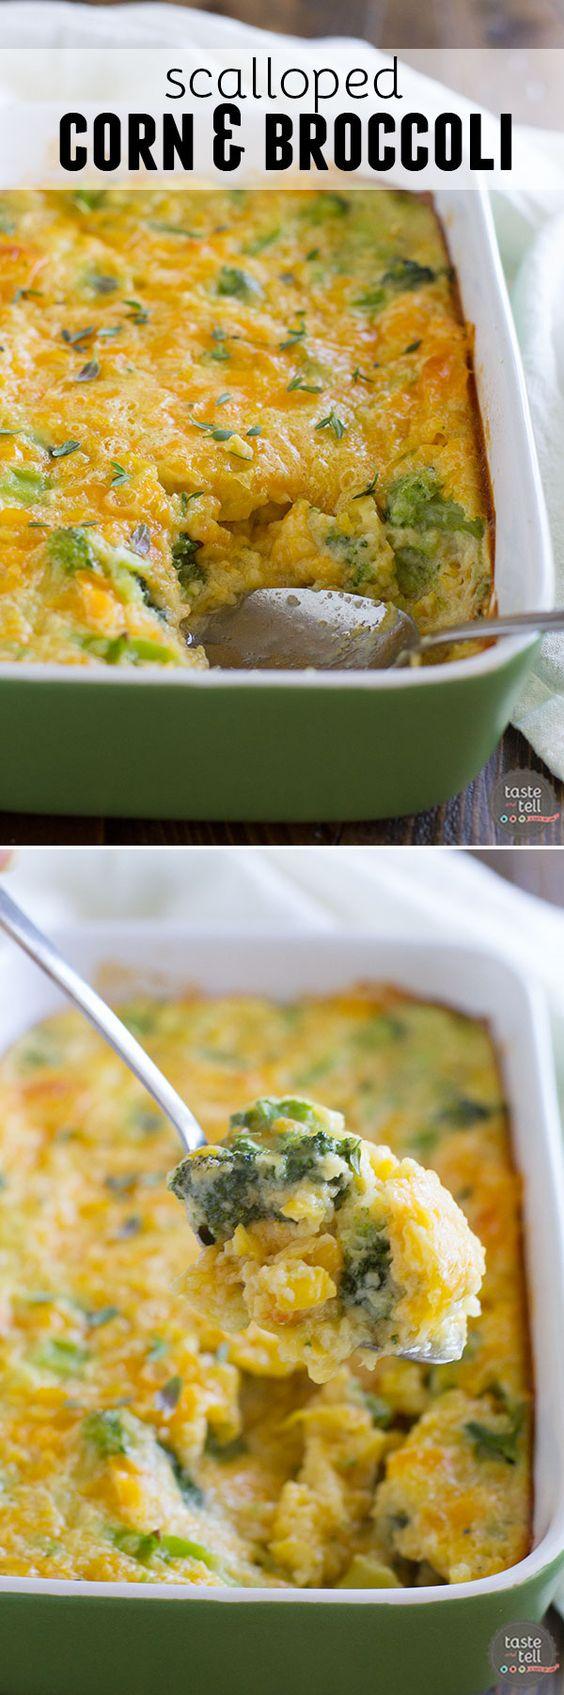 Scalloped Corn and Broccoli.